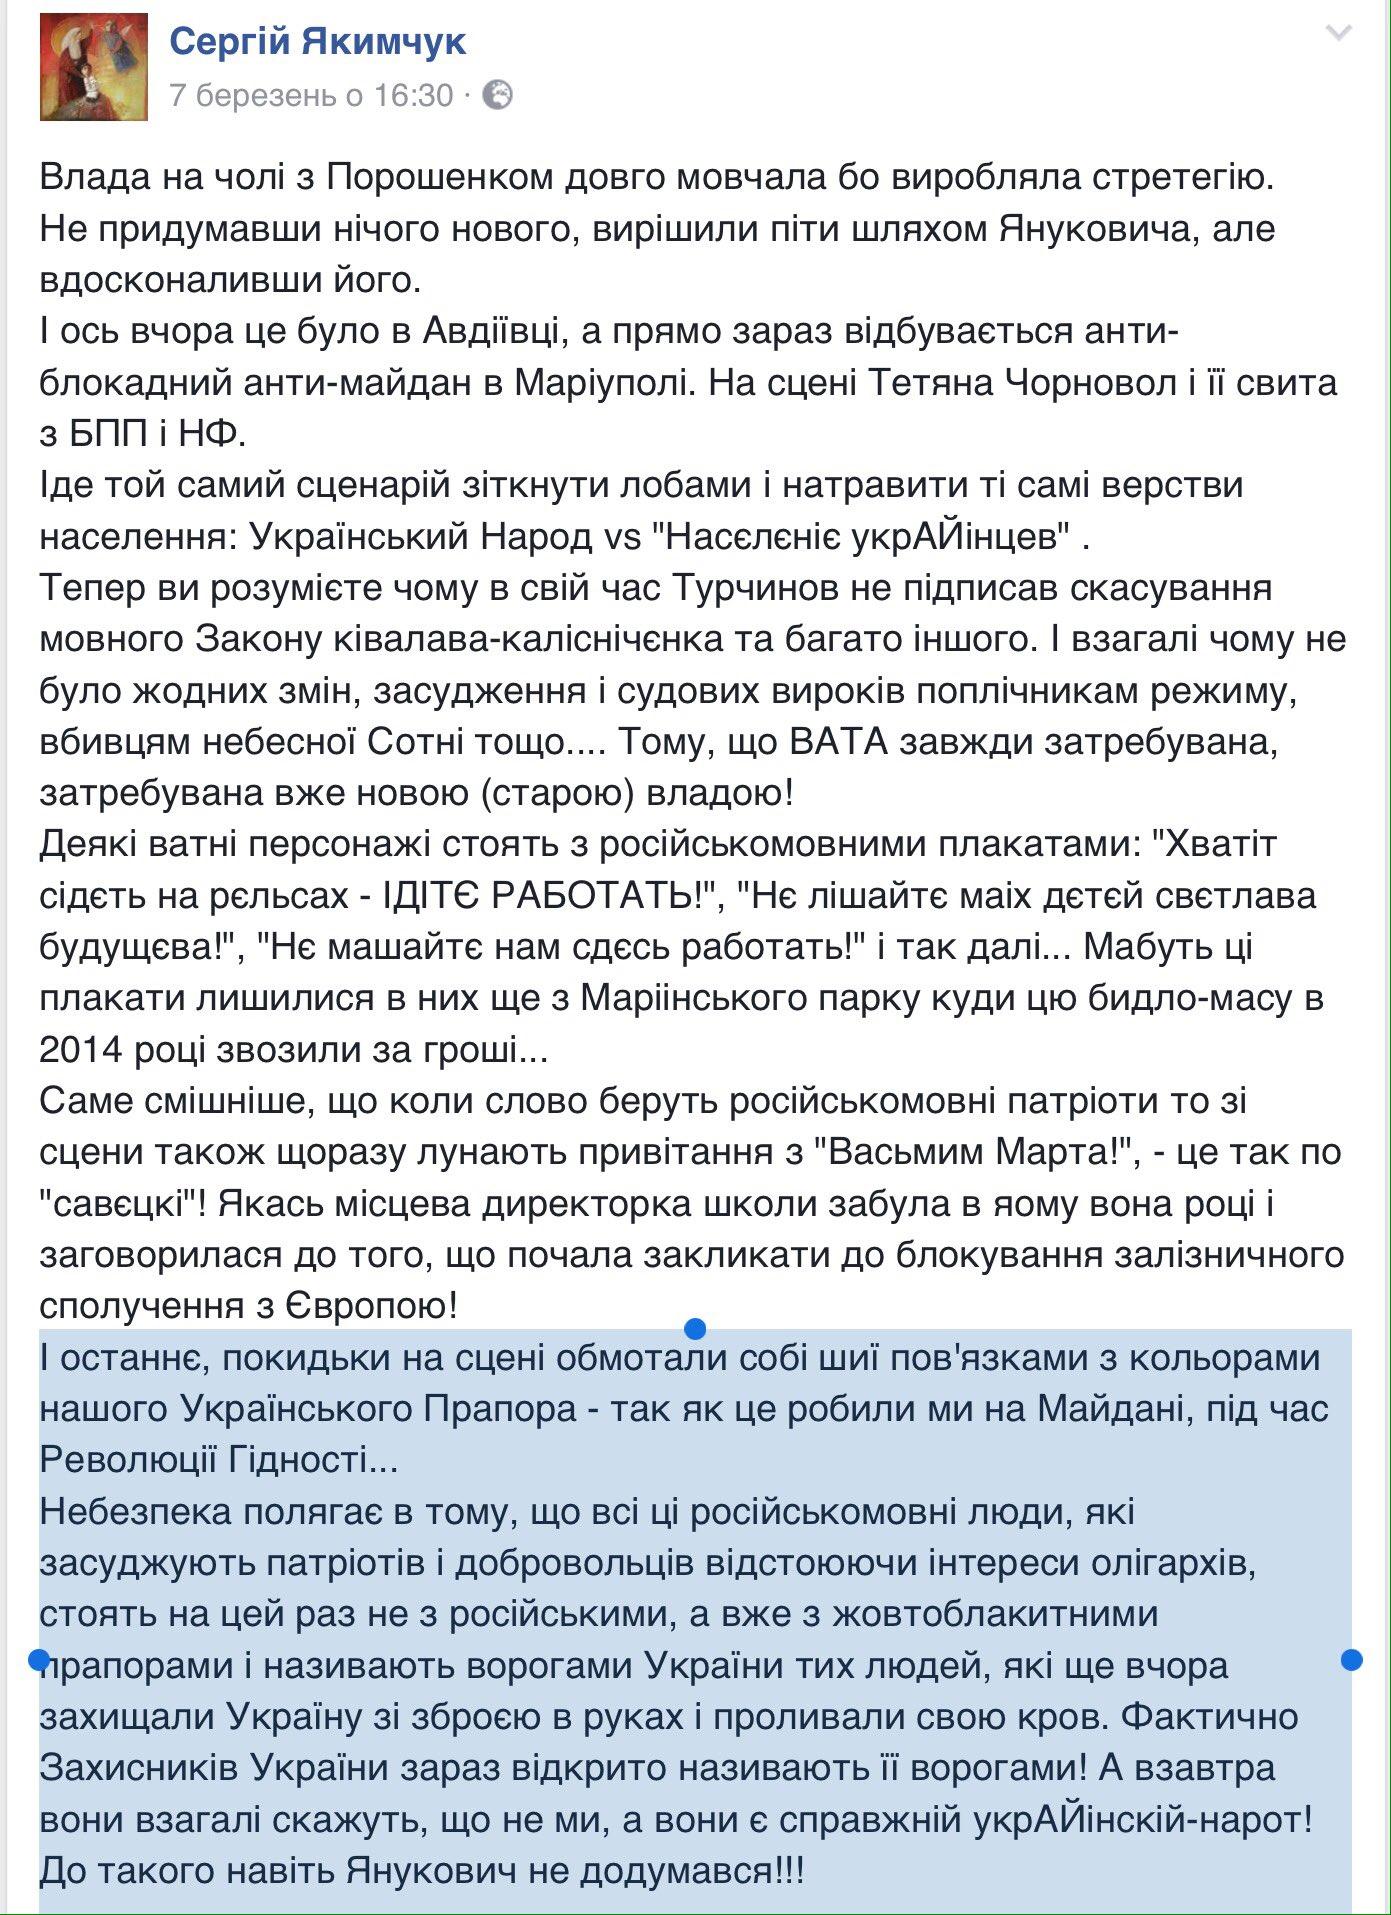 Украина имеет много доказательств против России, которые еще будут представлены в суде ООН, - Петренко - Цензор.НЕТ 8824